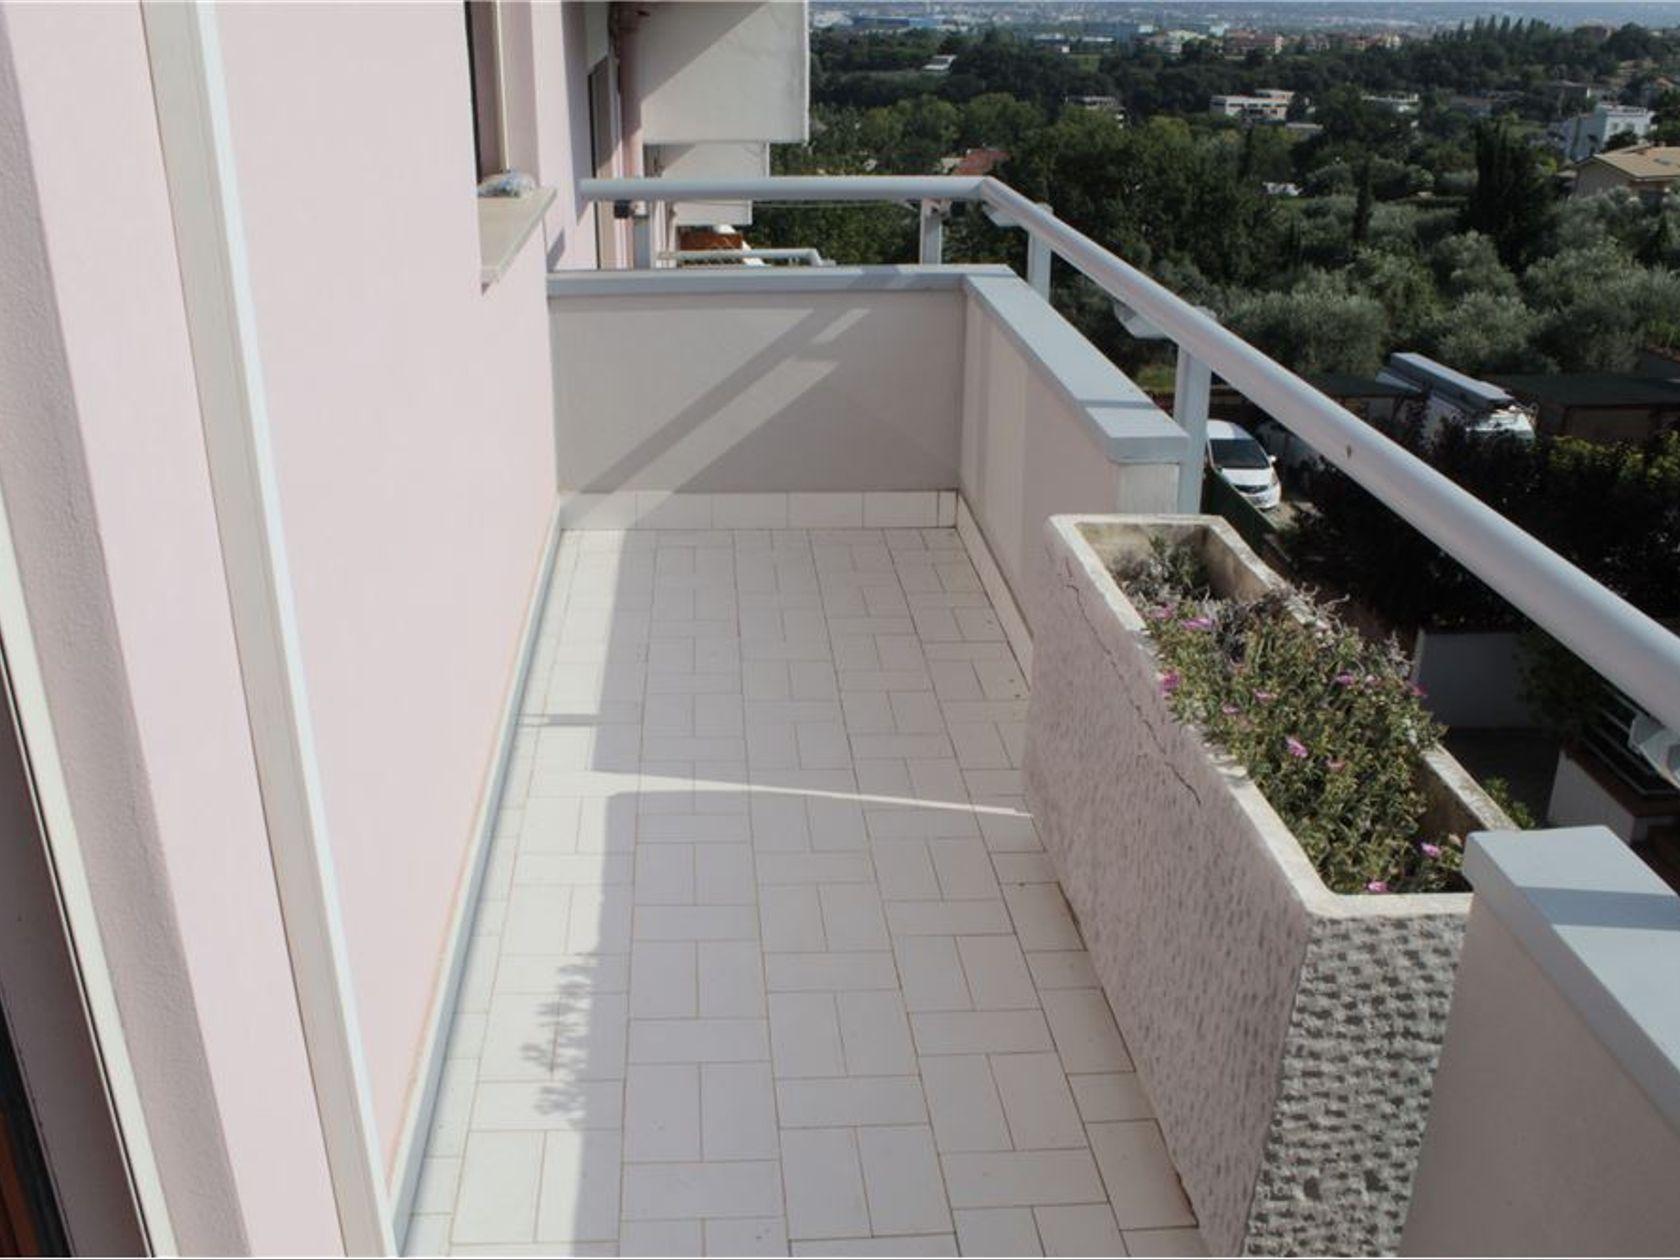 Villa a schiera Pescara-colle Innamorati, Pescara, PE Vendita - Foto 19